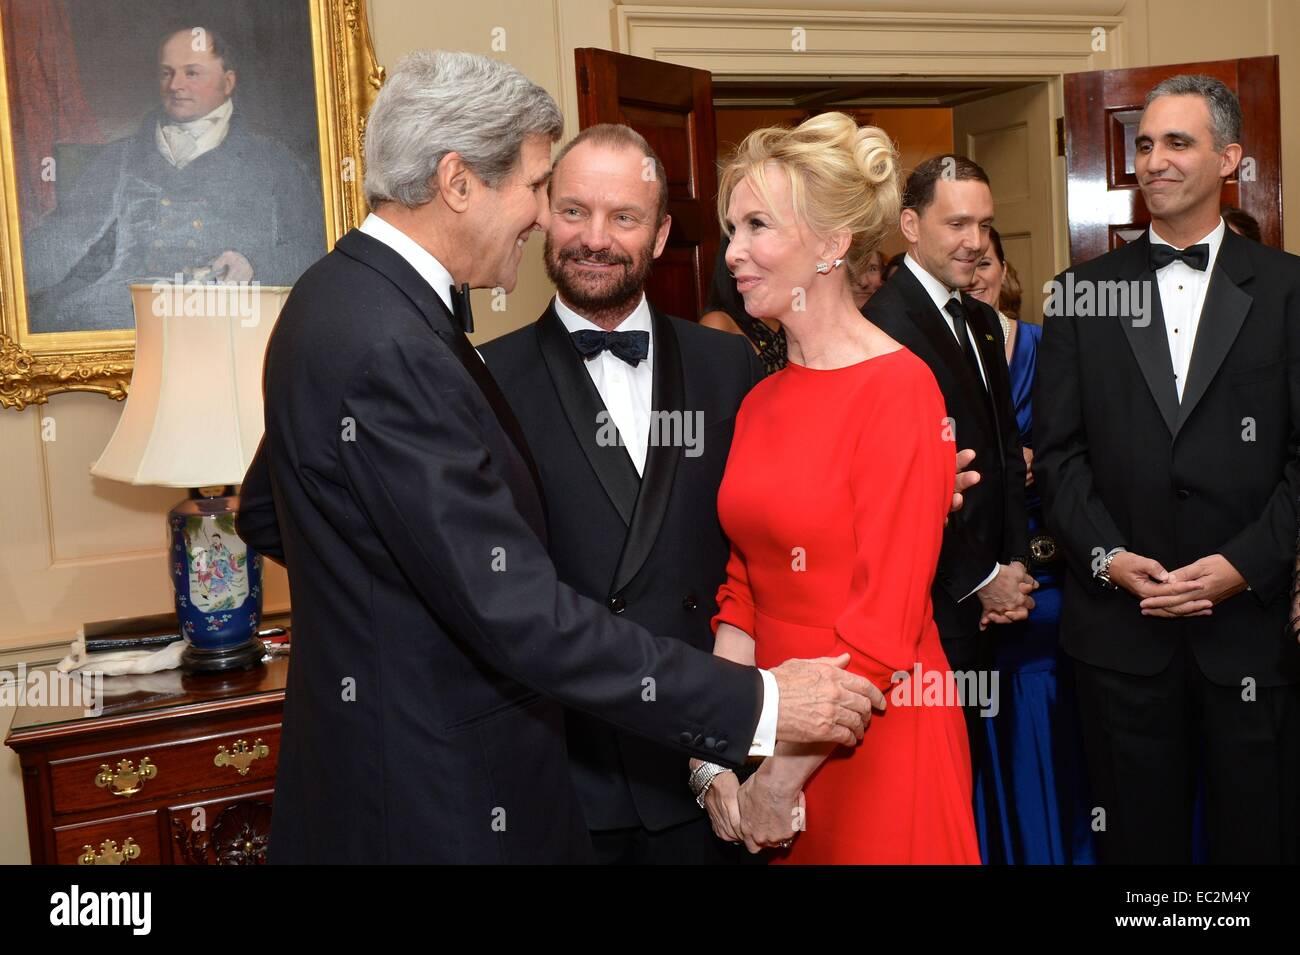 US-Außenminister John Kerry grüßt Musiker Sting und seine Frau Trudie Styler, vor dem Mittagessen für die 2014 Kennedy Center Honorees an das Department of State 6. Dezember 2014 in Washington, D.C. Stockfoto